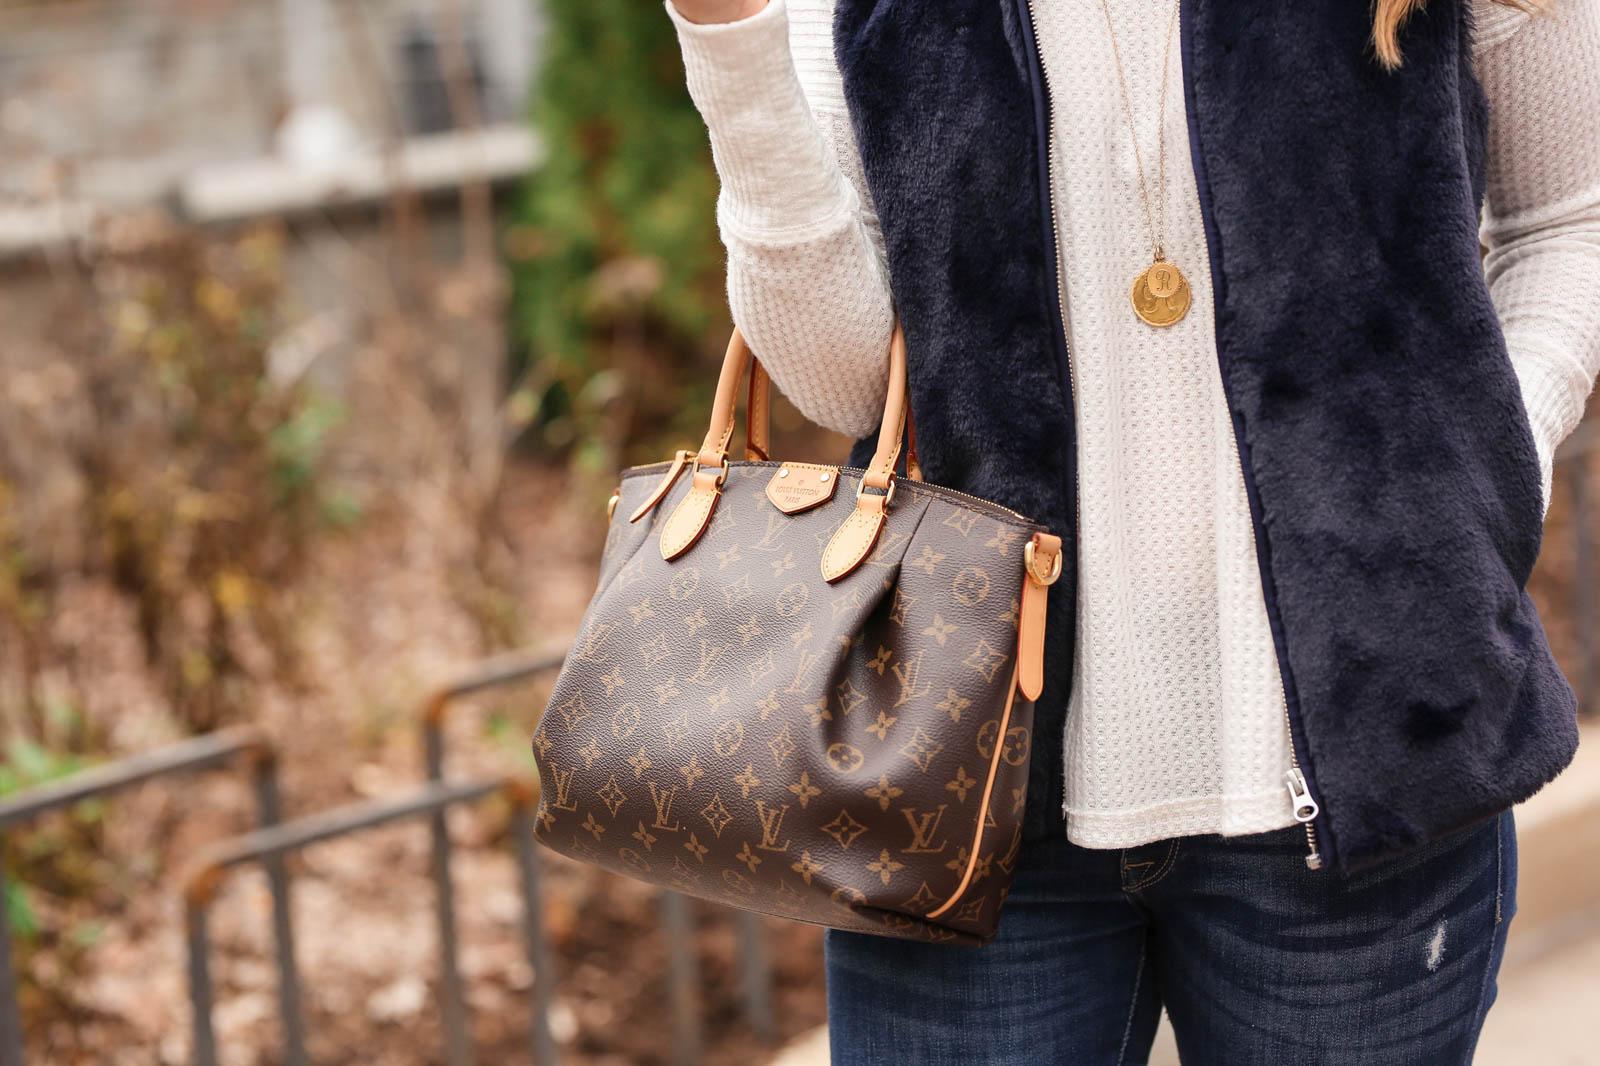 Louis Vuitton turenne pm bag